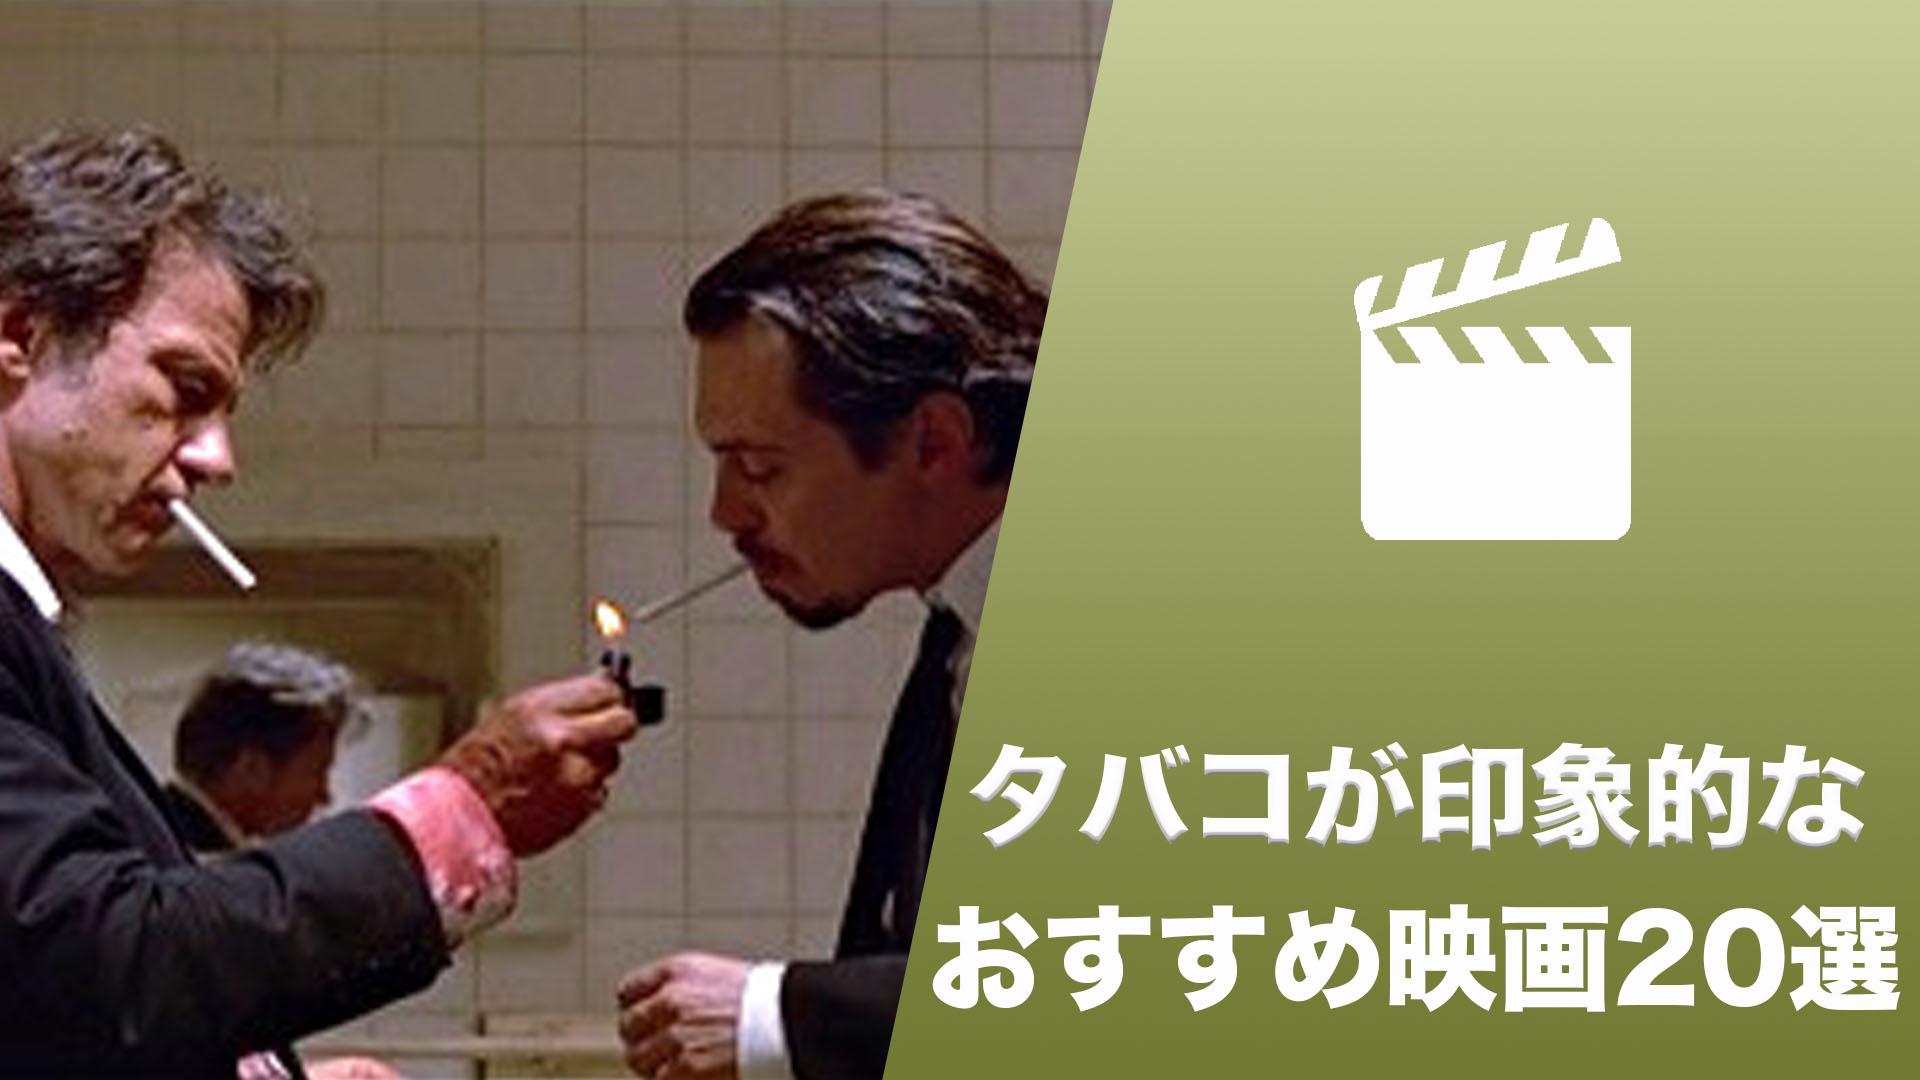 タバコ 映画 おすすめ